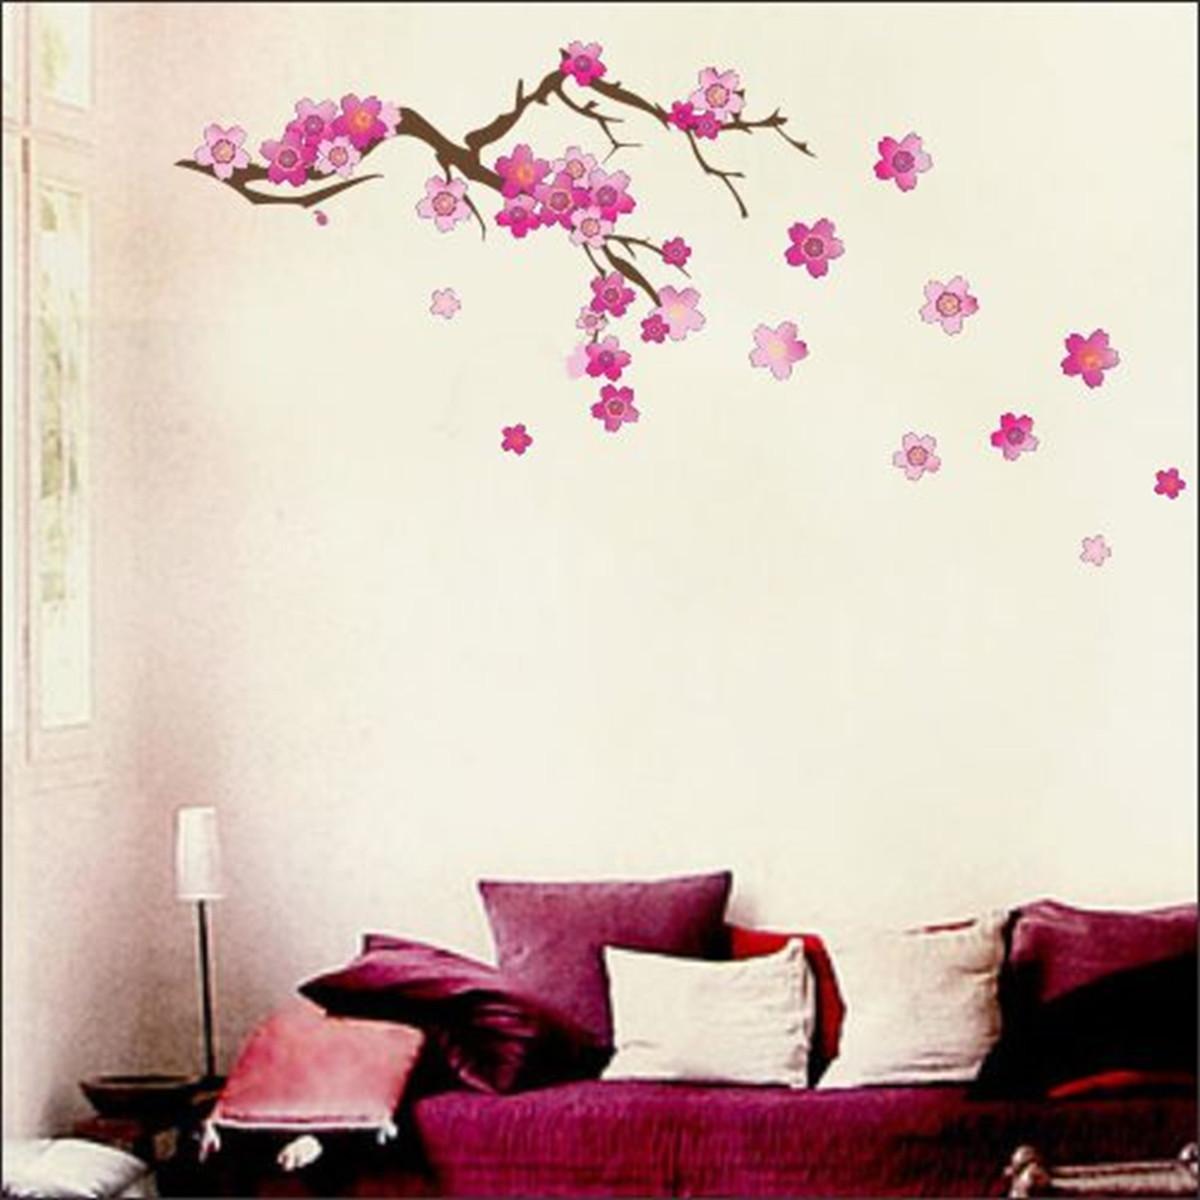 Adesivo Parede Flores De Cerejeira Artm Decora O Criativa Elo7 ~ Decoração Criativa Quarto Feminino